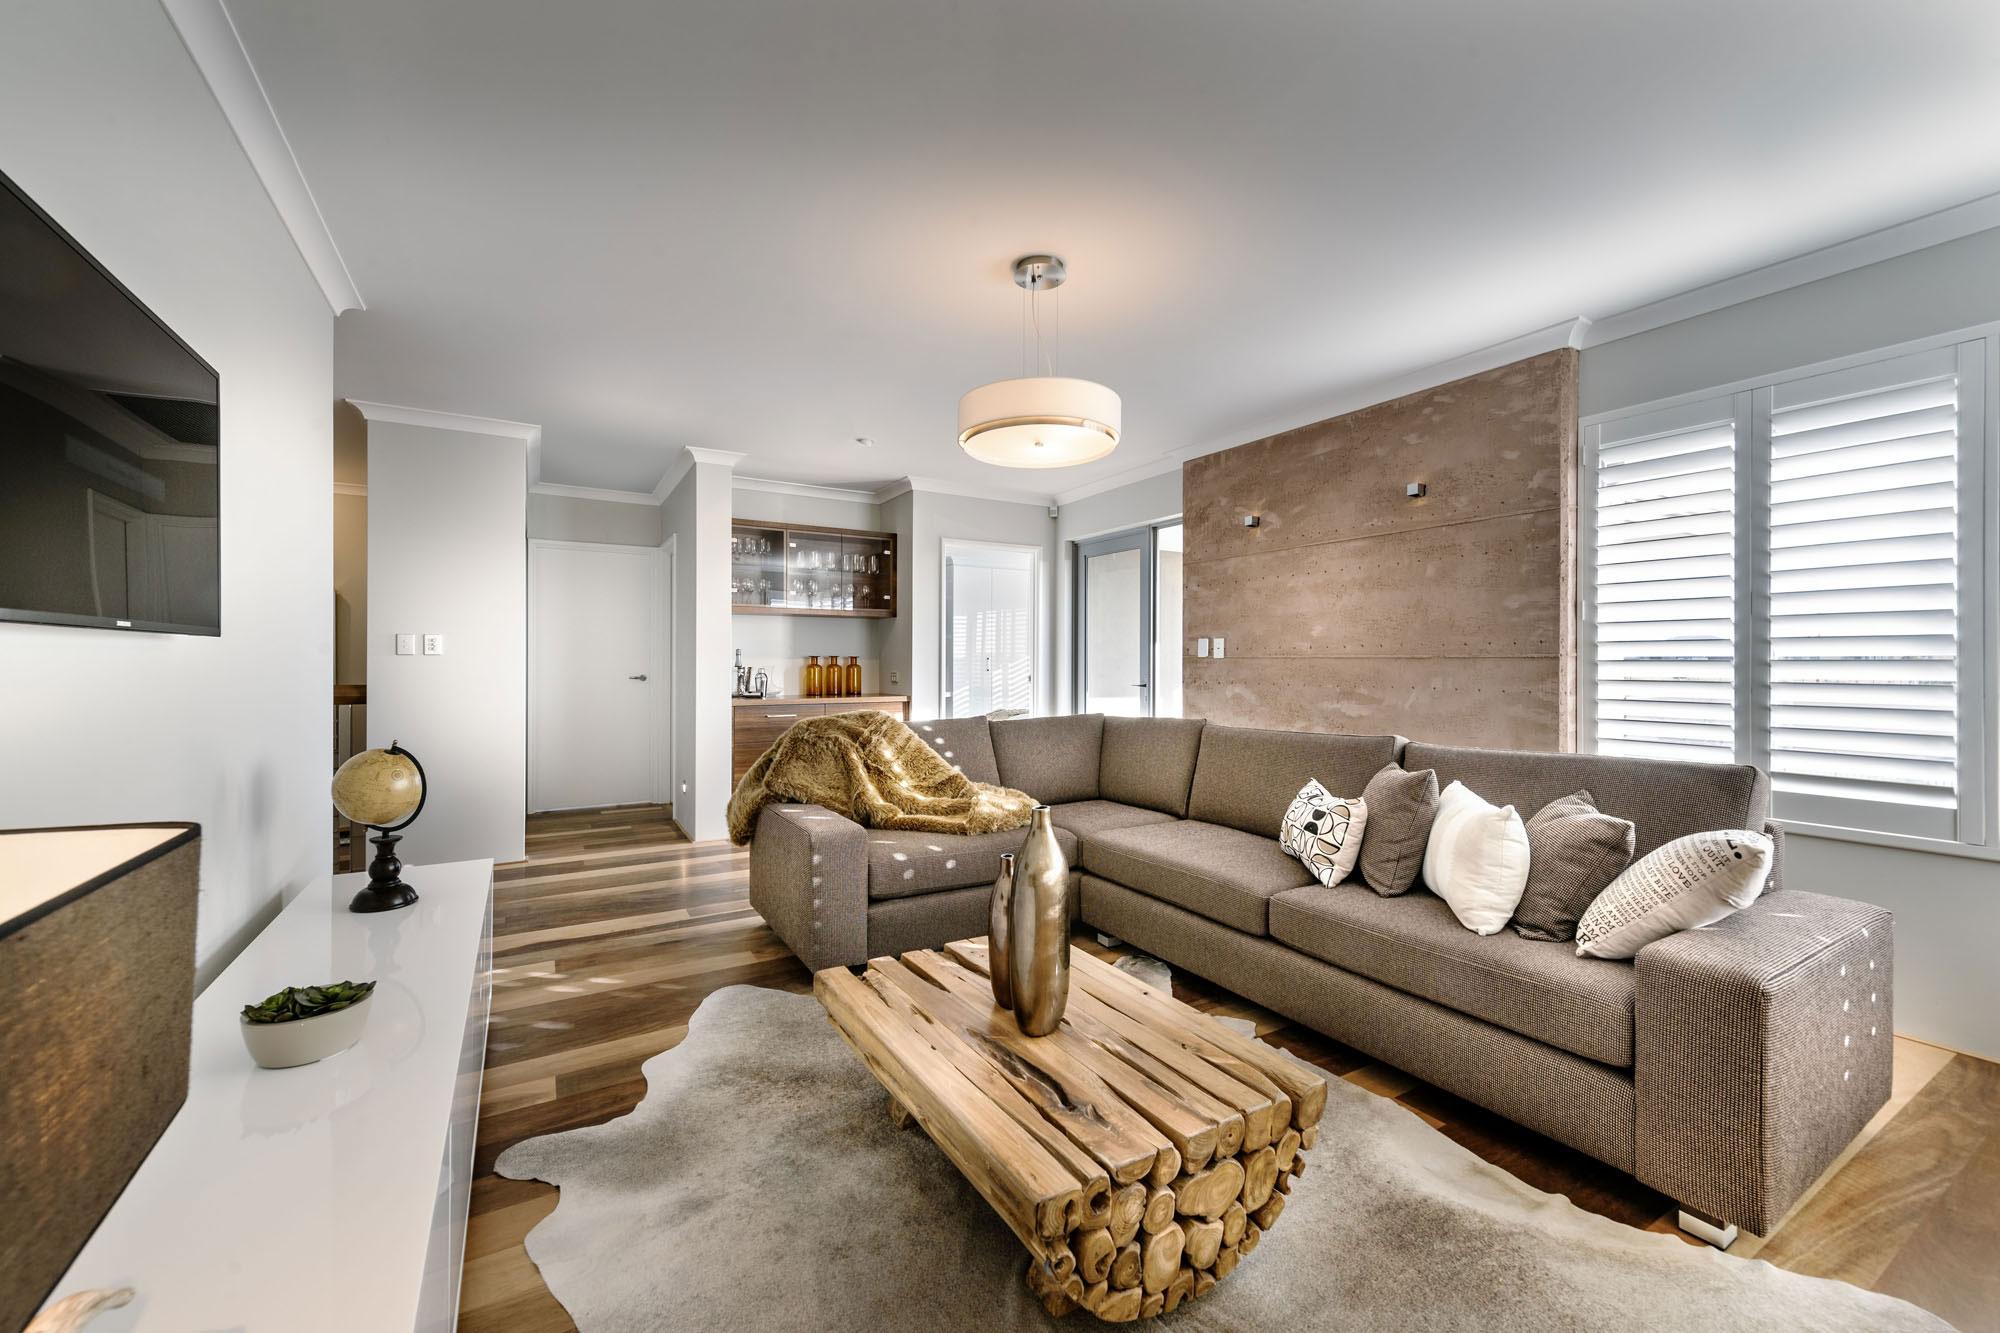 Chunky Wood Coffee Table, Sofa, Rug, Modern Home in Wandi, Perth